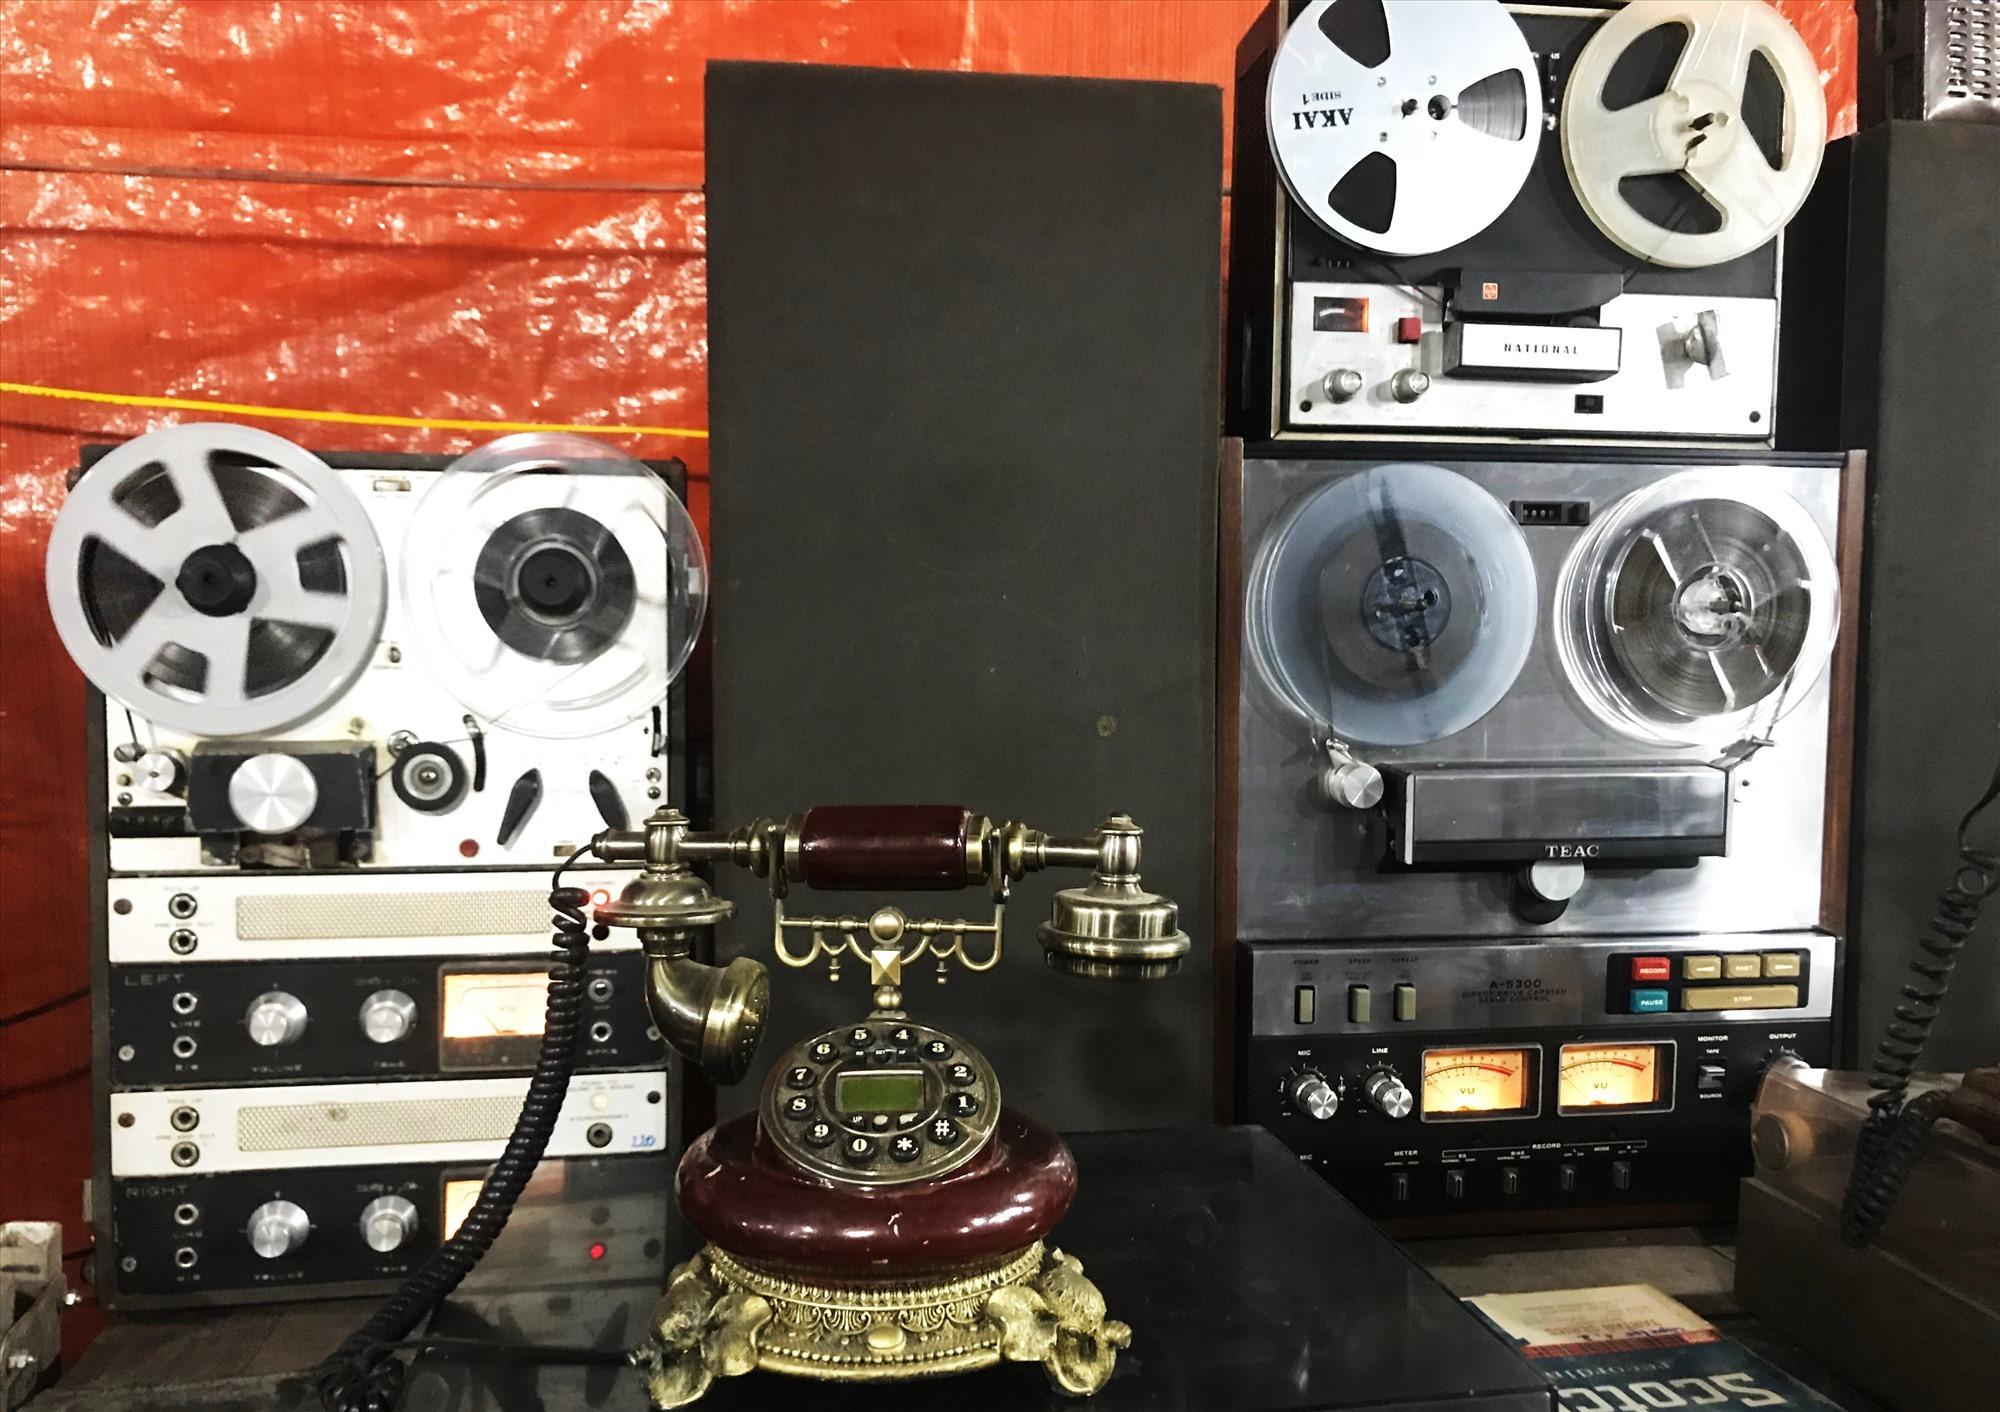 Độc đáo điện thoại thời xưa và máy nghe nhạc. Ảnh: MINH HẢI